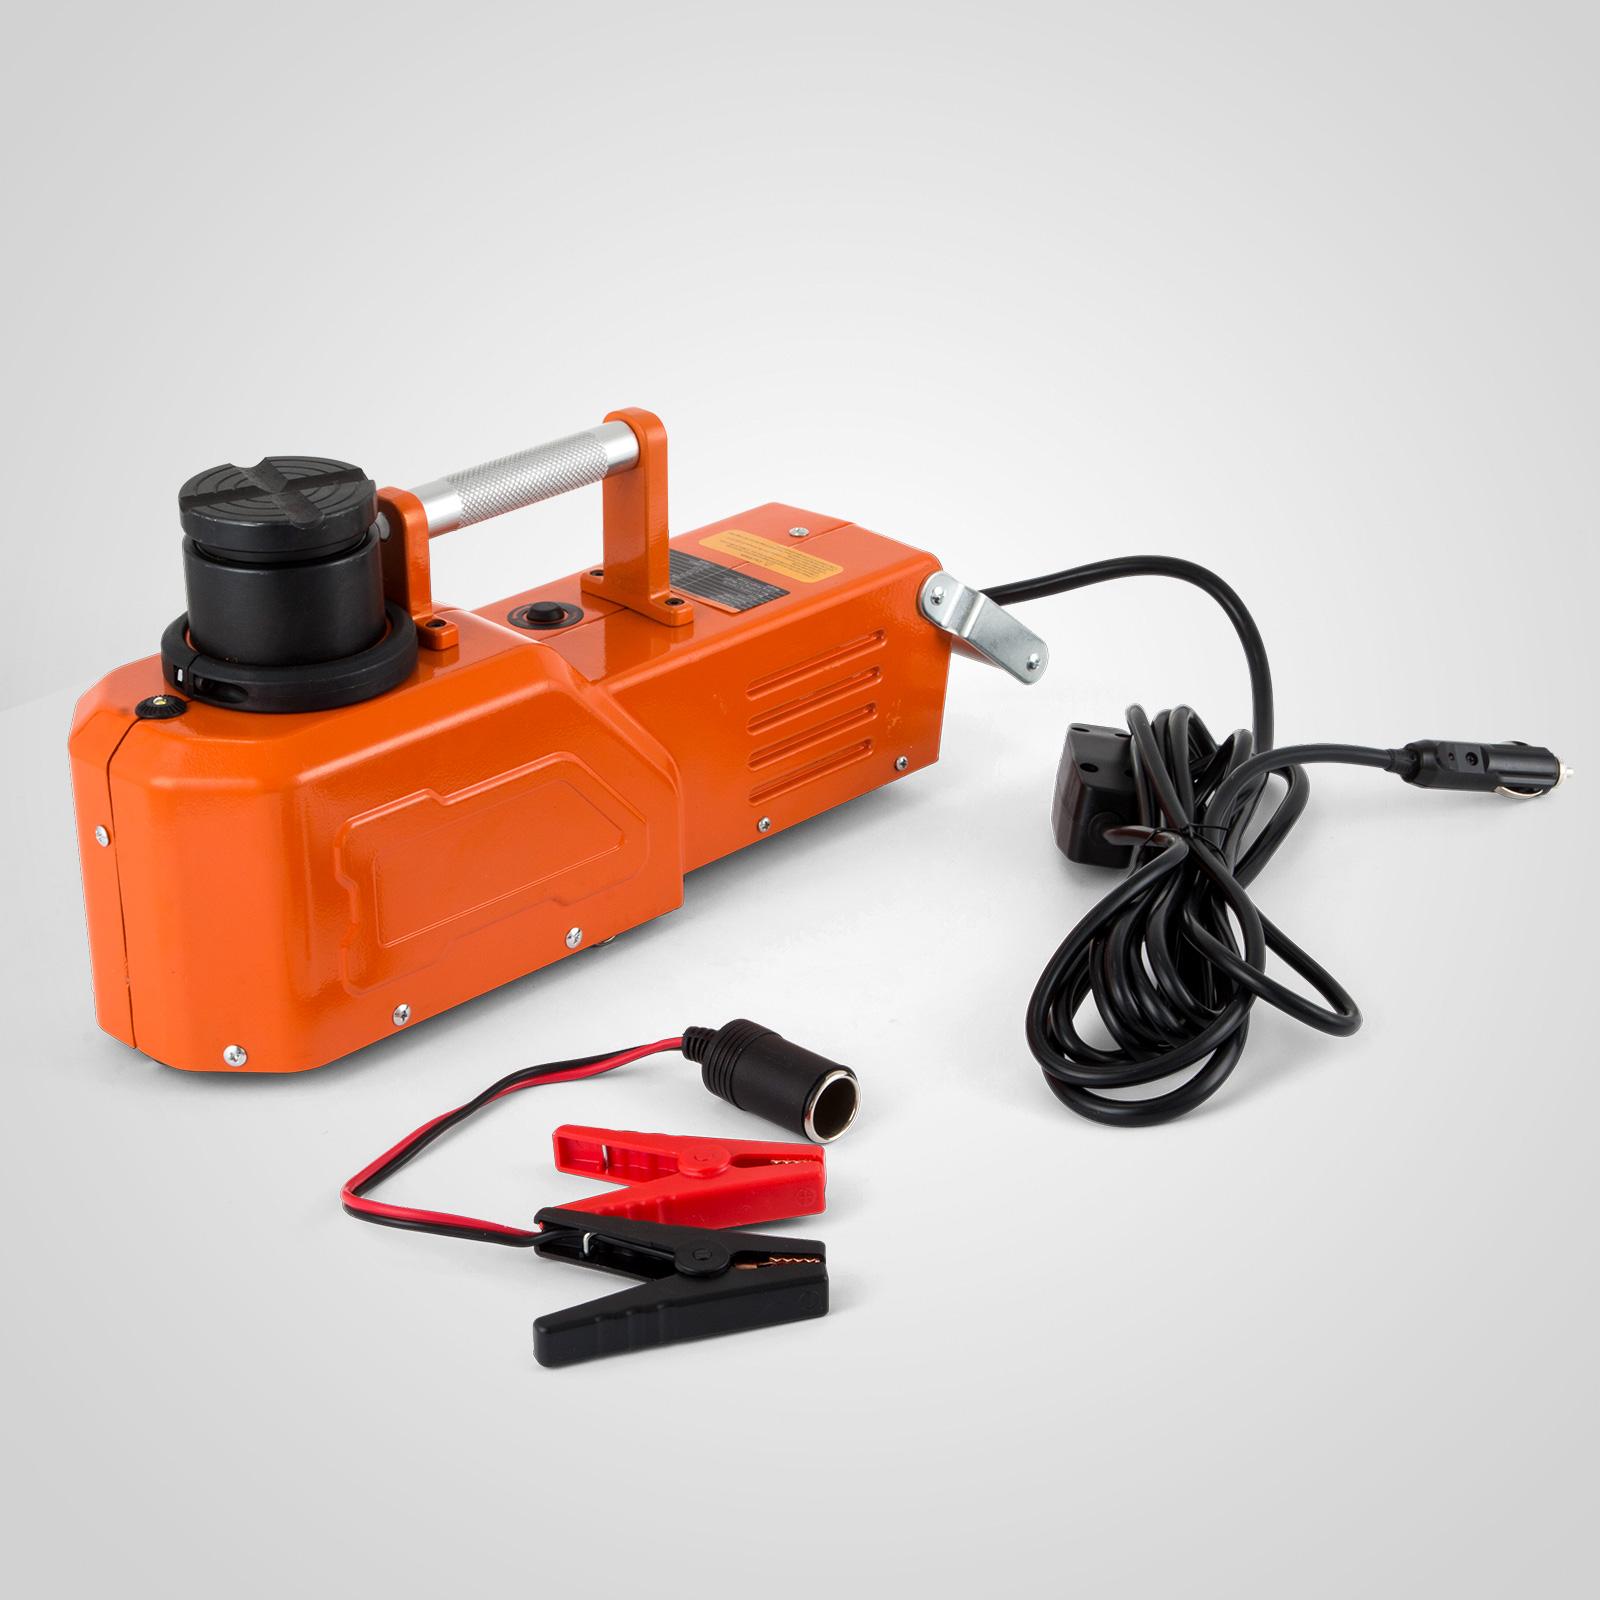 12V Hydraulic Floor Jack Electric Car Lift 9900lbs ...